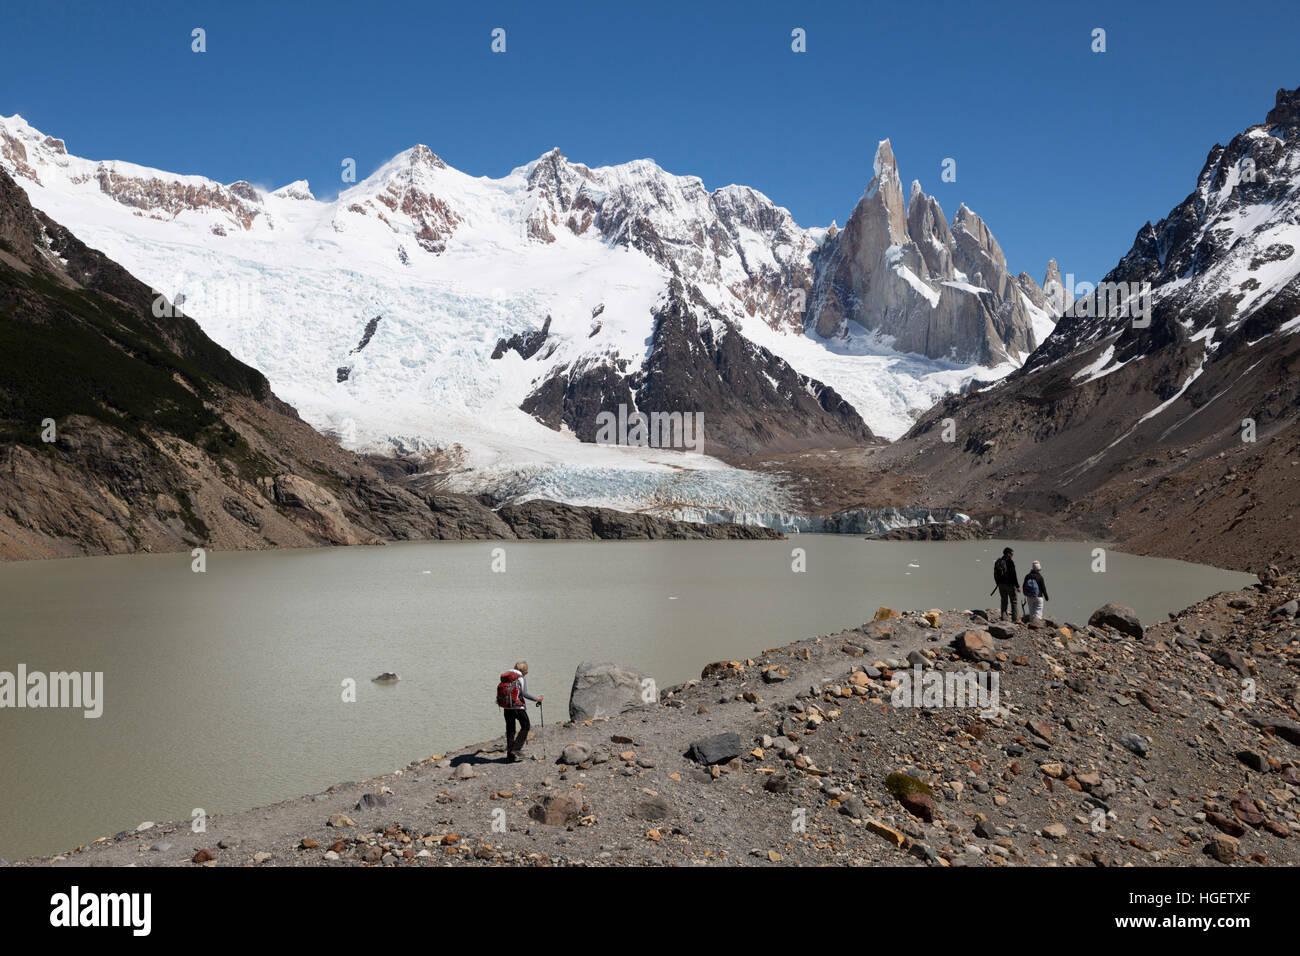 Excursionistas caminando por la laguna torre con vistas del cerro Torre, el chalten, Patagonia argentina, SUDAMÉRICA Imagen De Stock